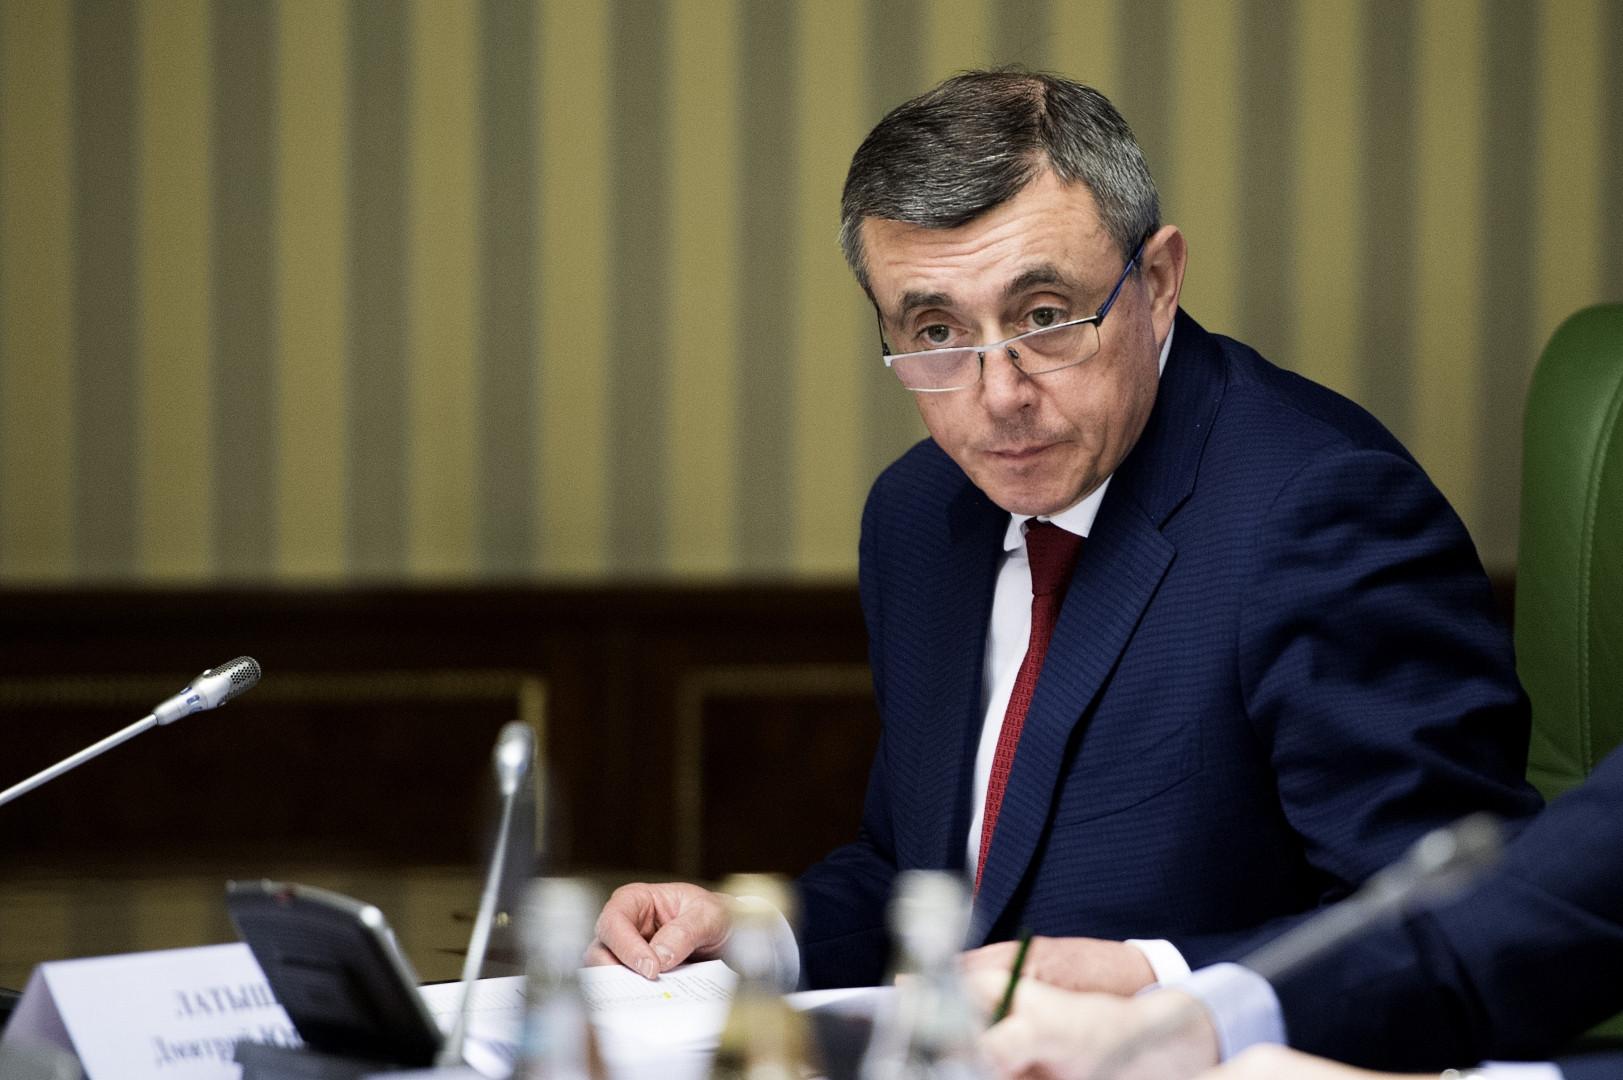 Вертолетный скандал разгорается вокруг губернатора Лимаренко